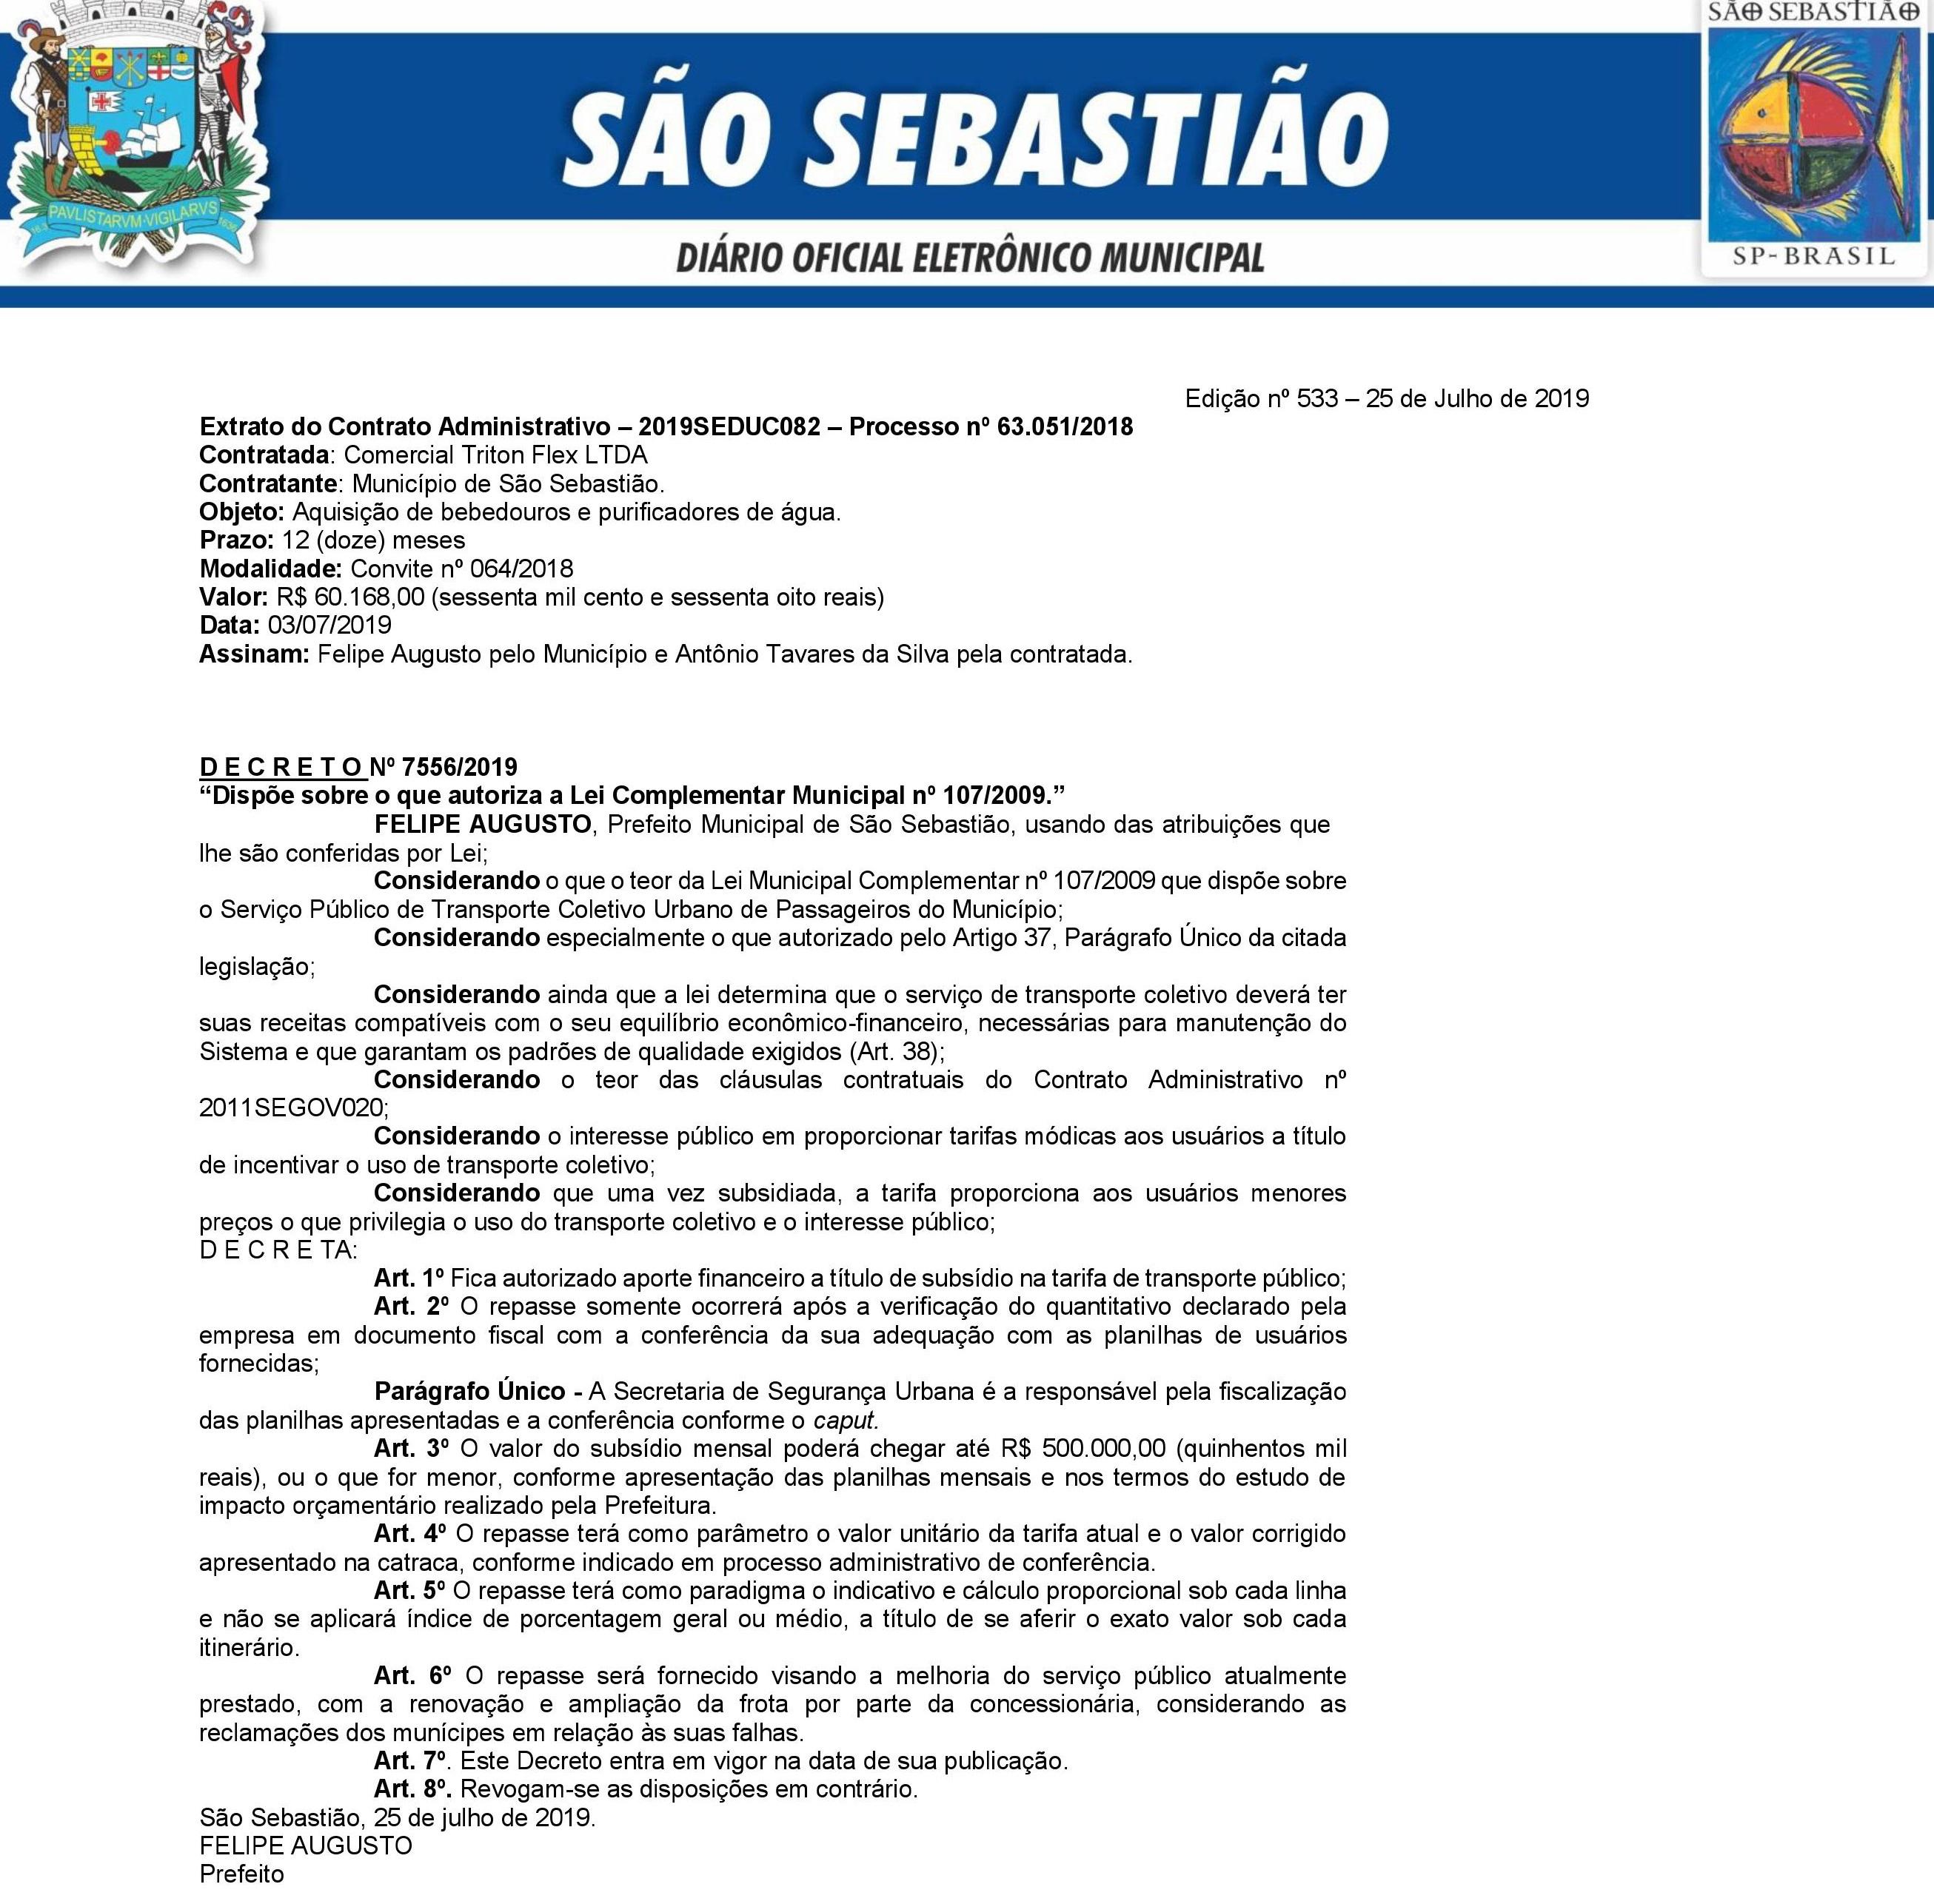 decreto_sbastiao.jpg